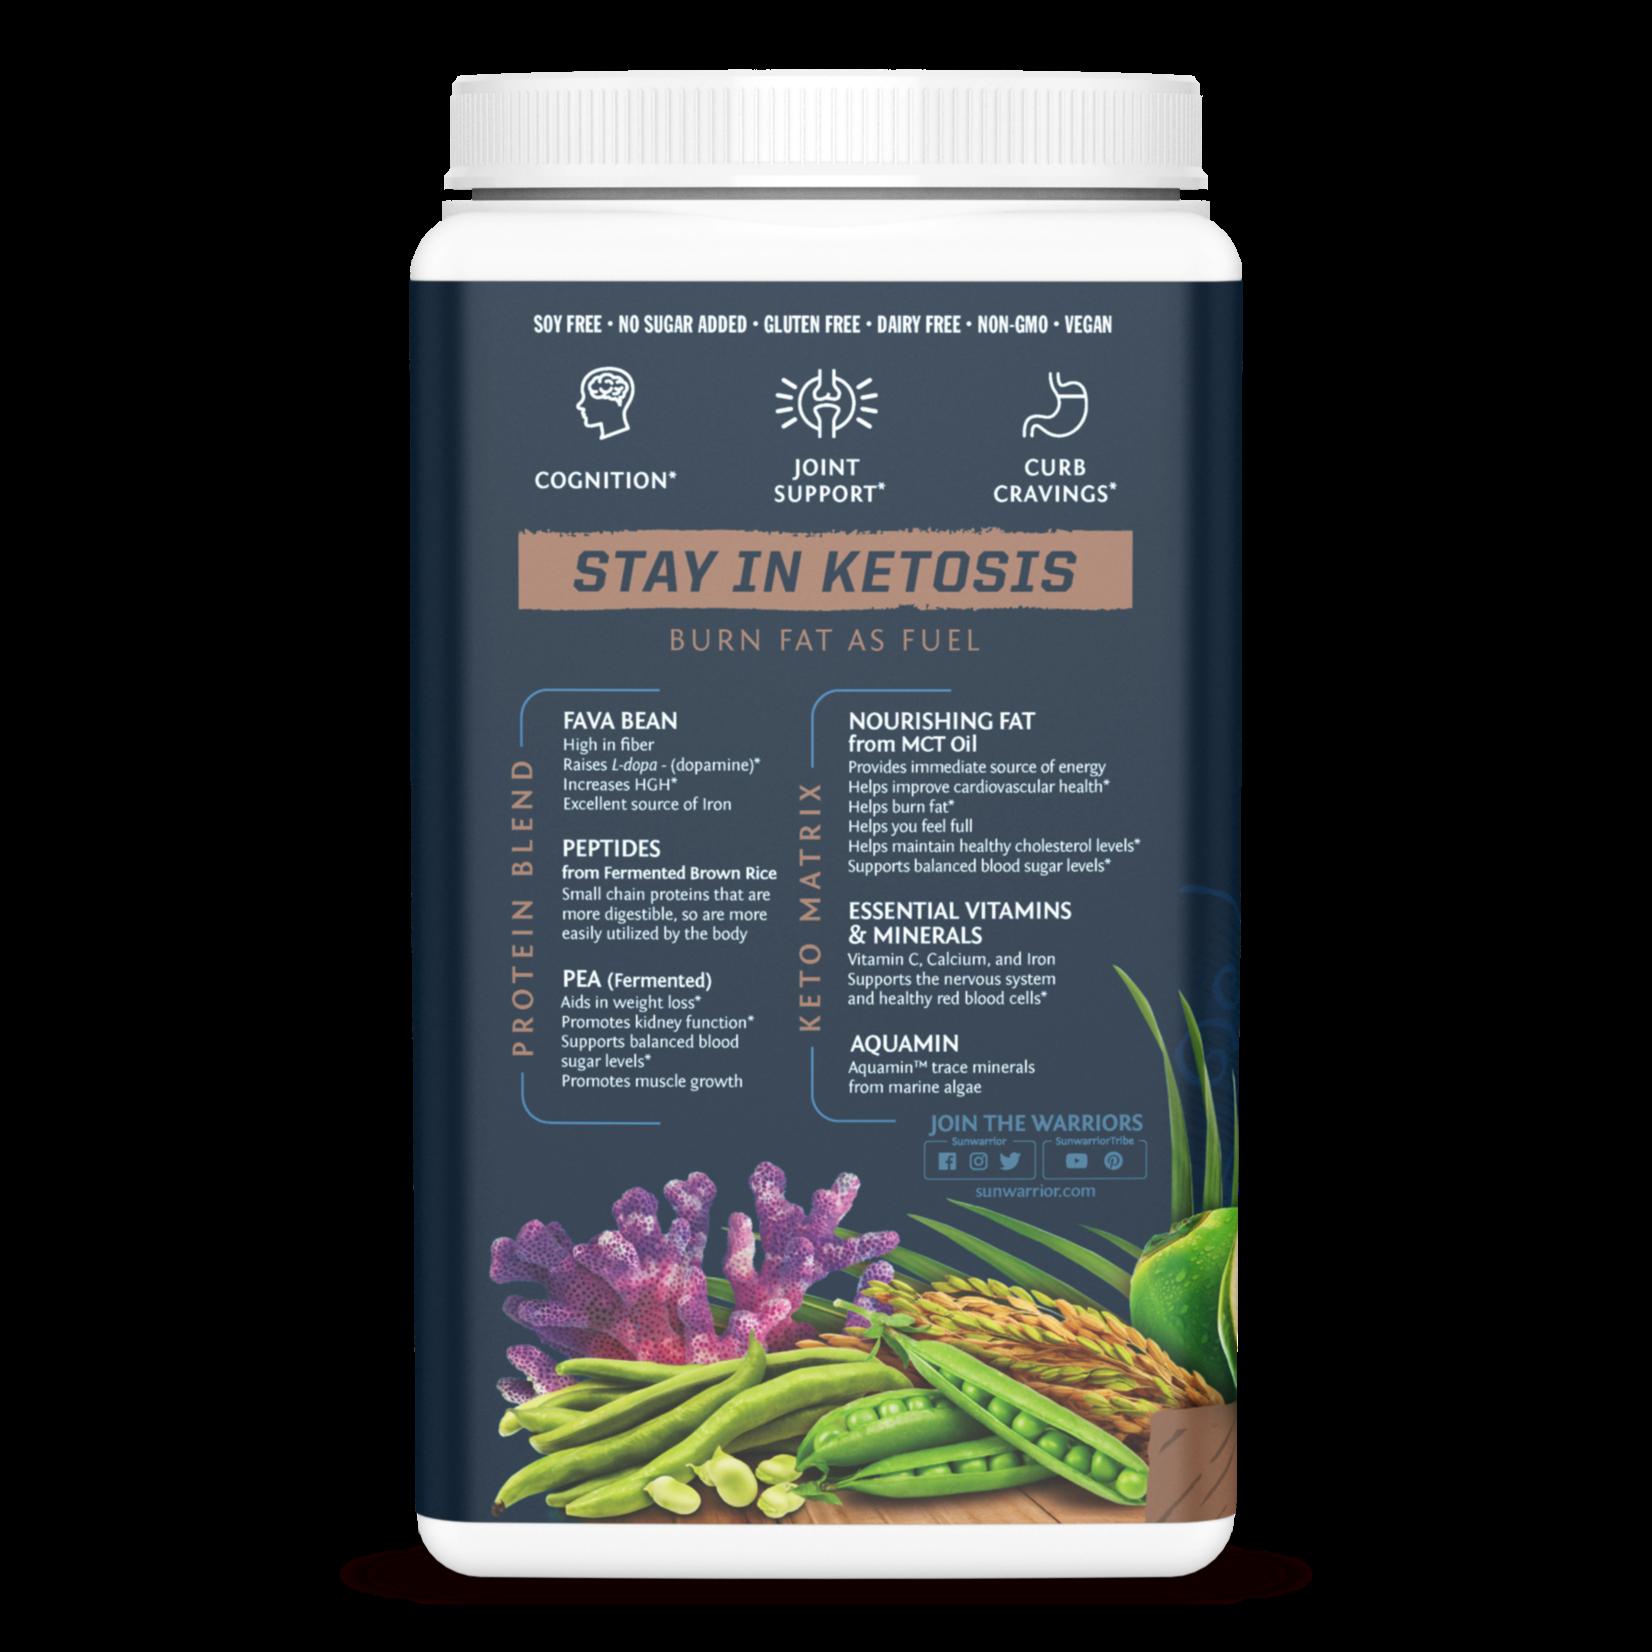 Sun Warrior Clean Keto Protein - Chocolate 720g